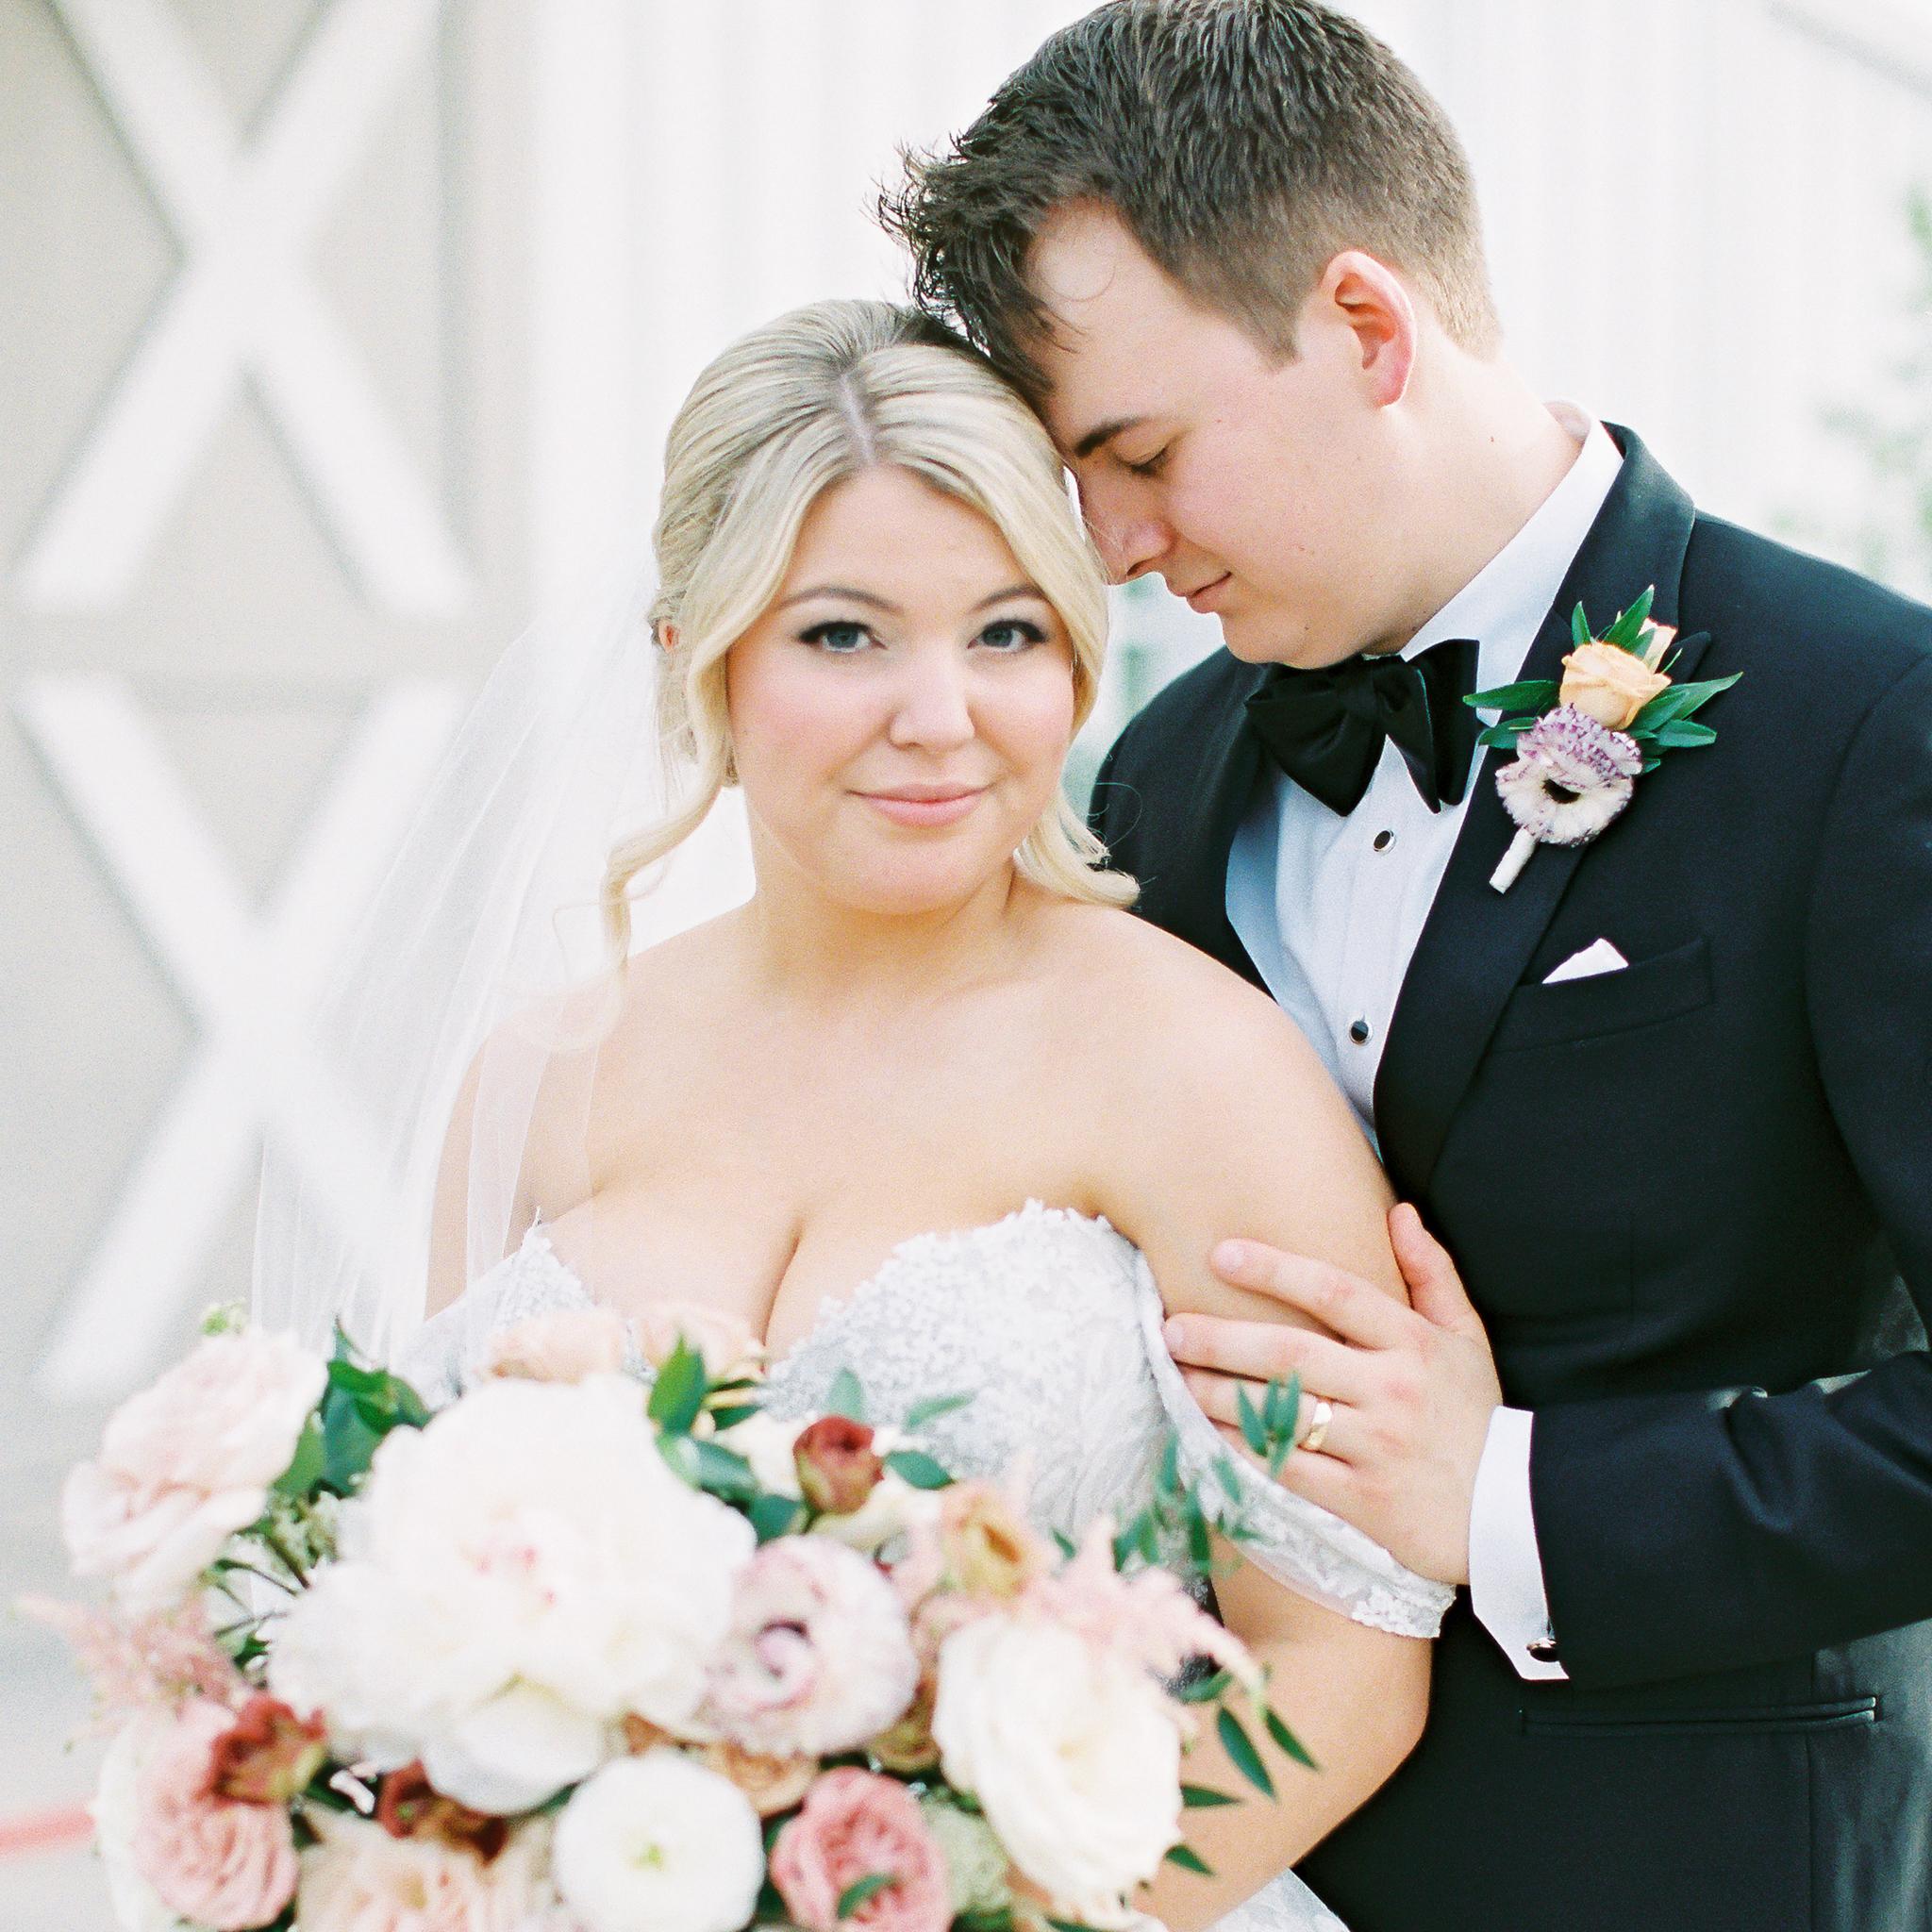 Caitlin & Grant -